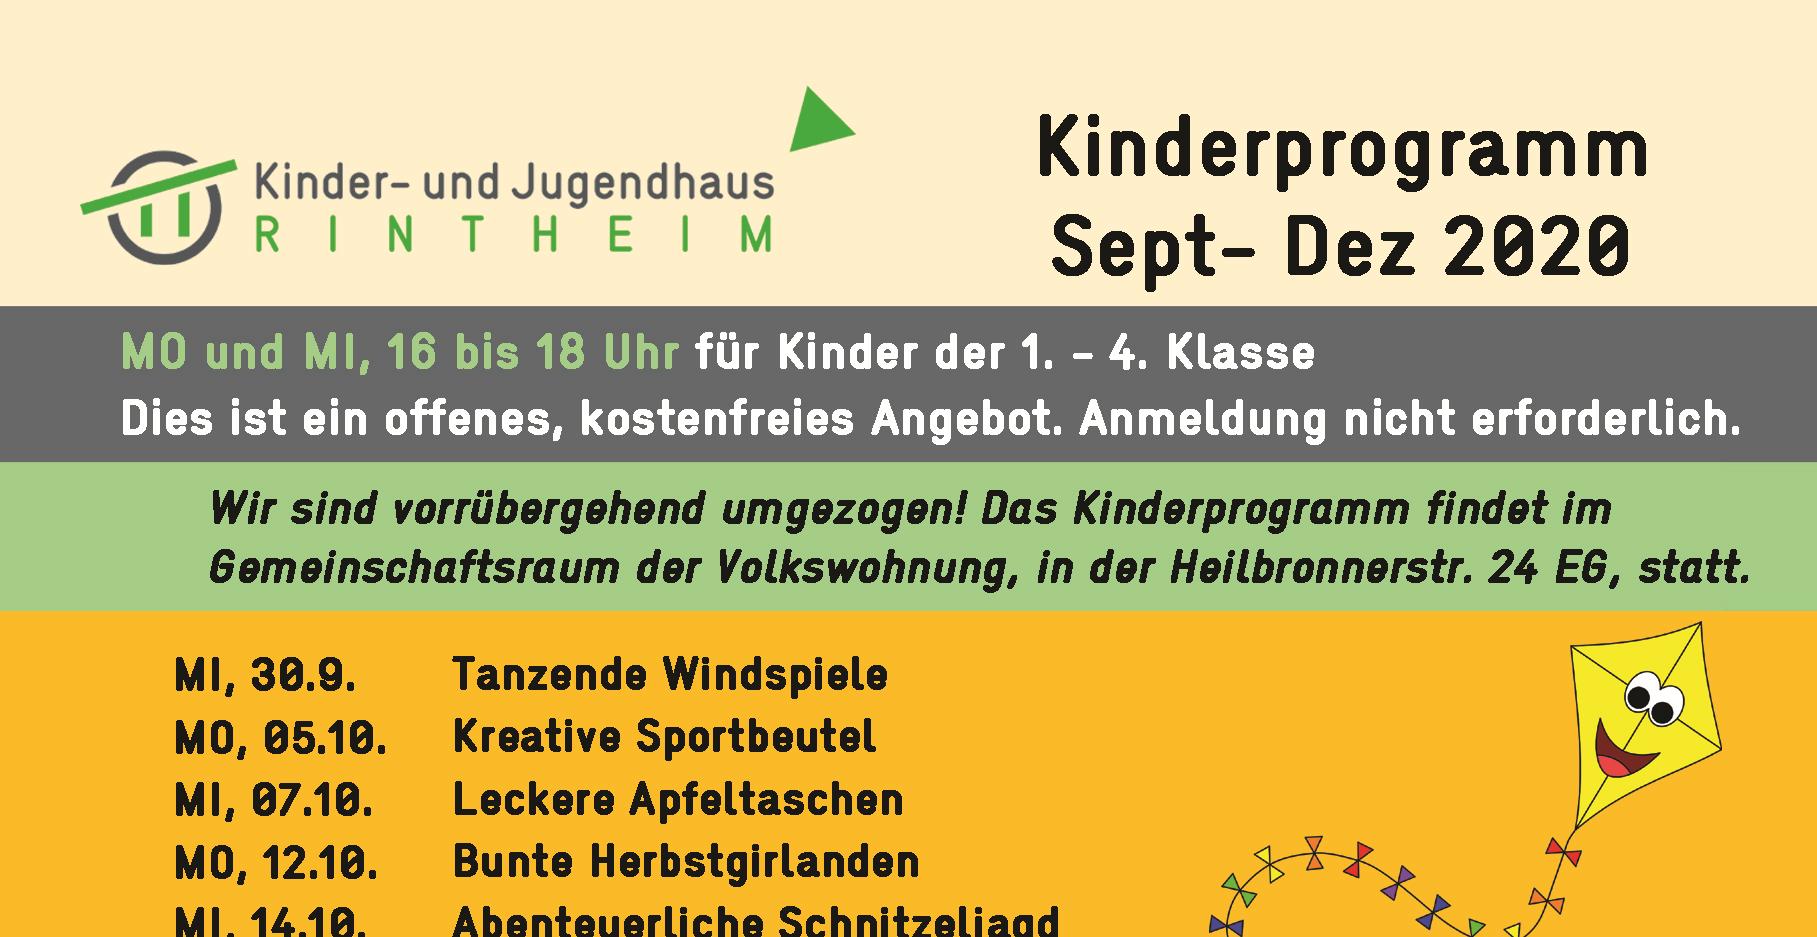 Kinderprogramm Rintheim_Sept-Dez 2020_innen - Kopie